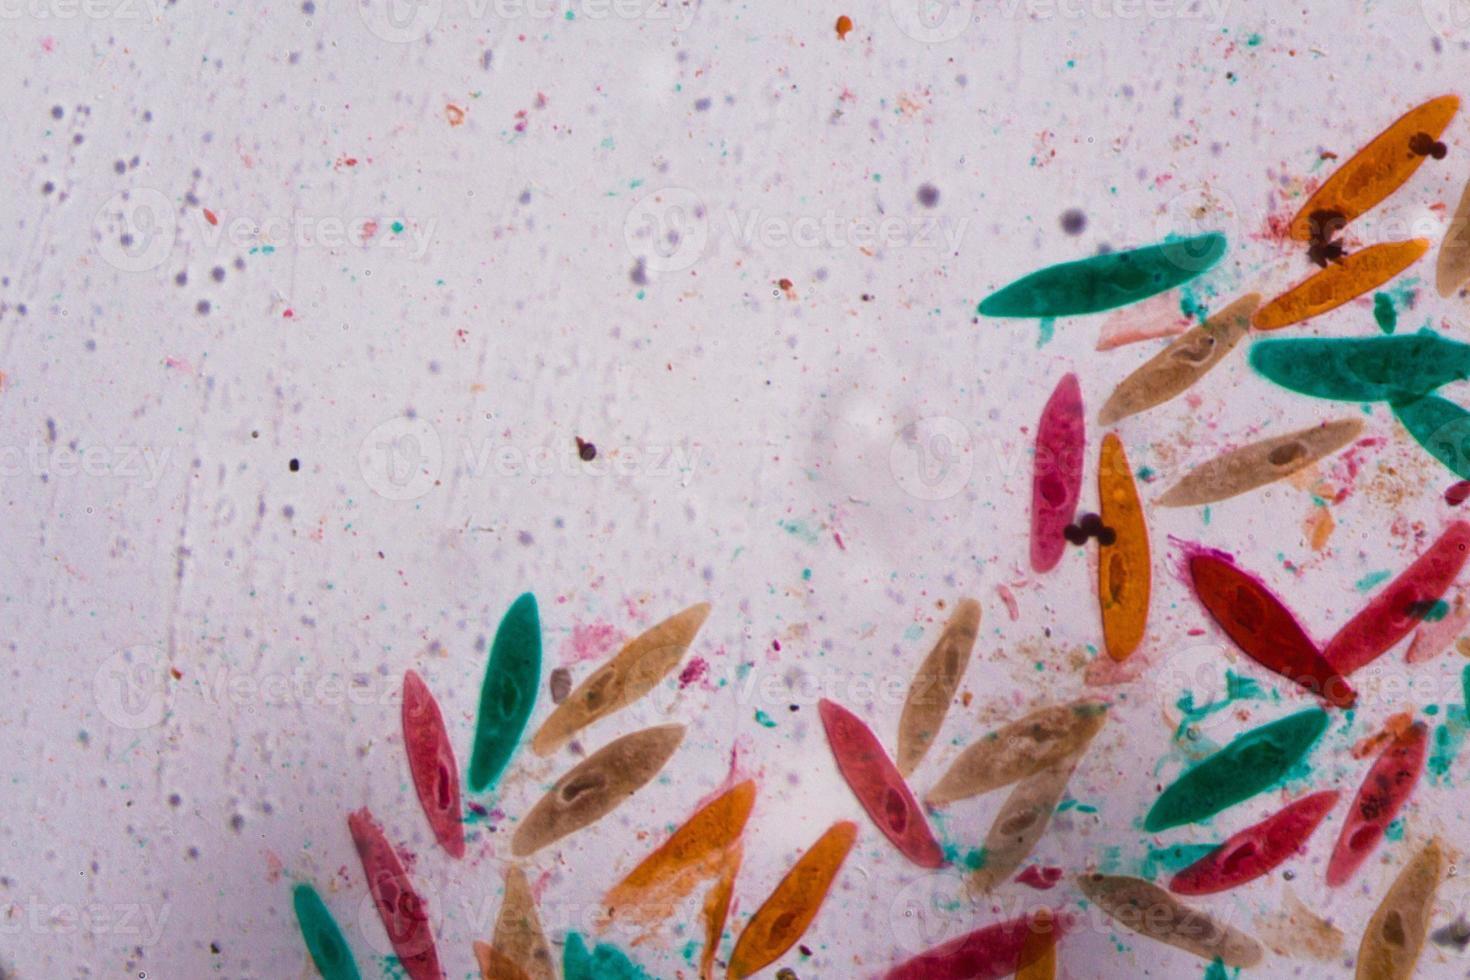 paramecium caudatum under mikroskopet - abstrakta former i färgen grönt, rött, orange och brunt på vit bakgrund foto